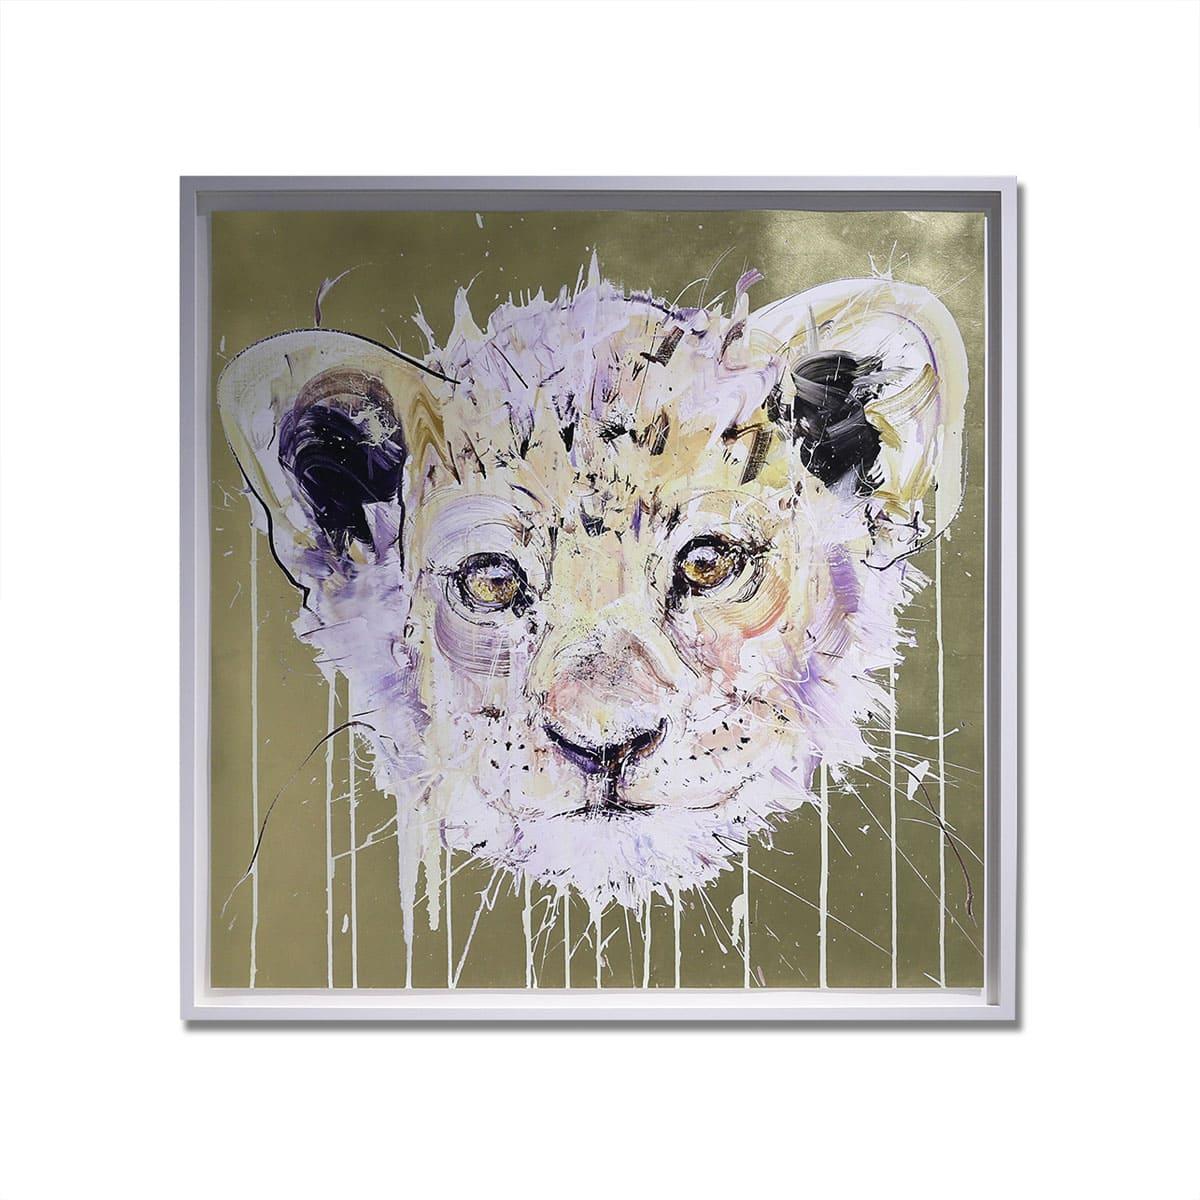 DAVE WHITE Lion Cub 1 19FW-I_photo_large